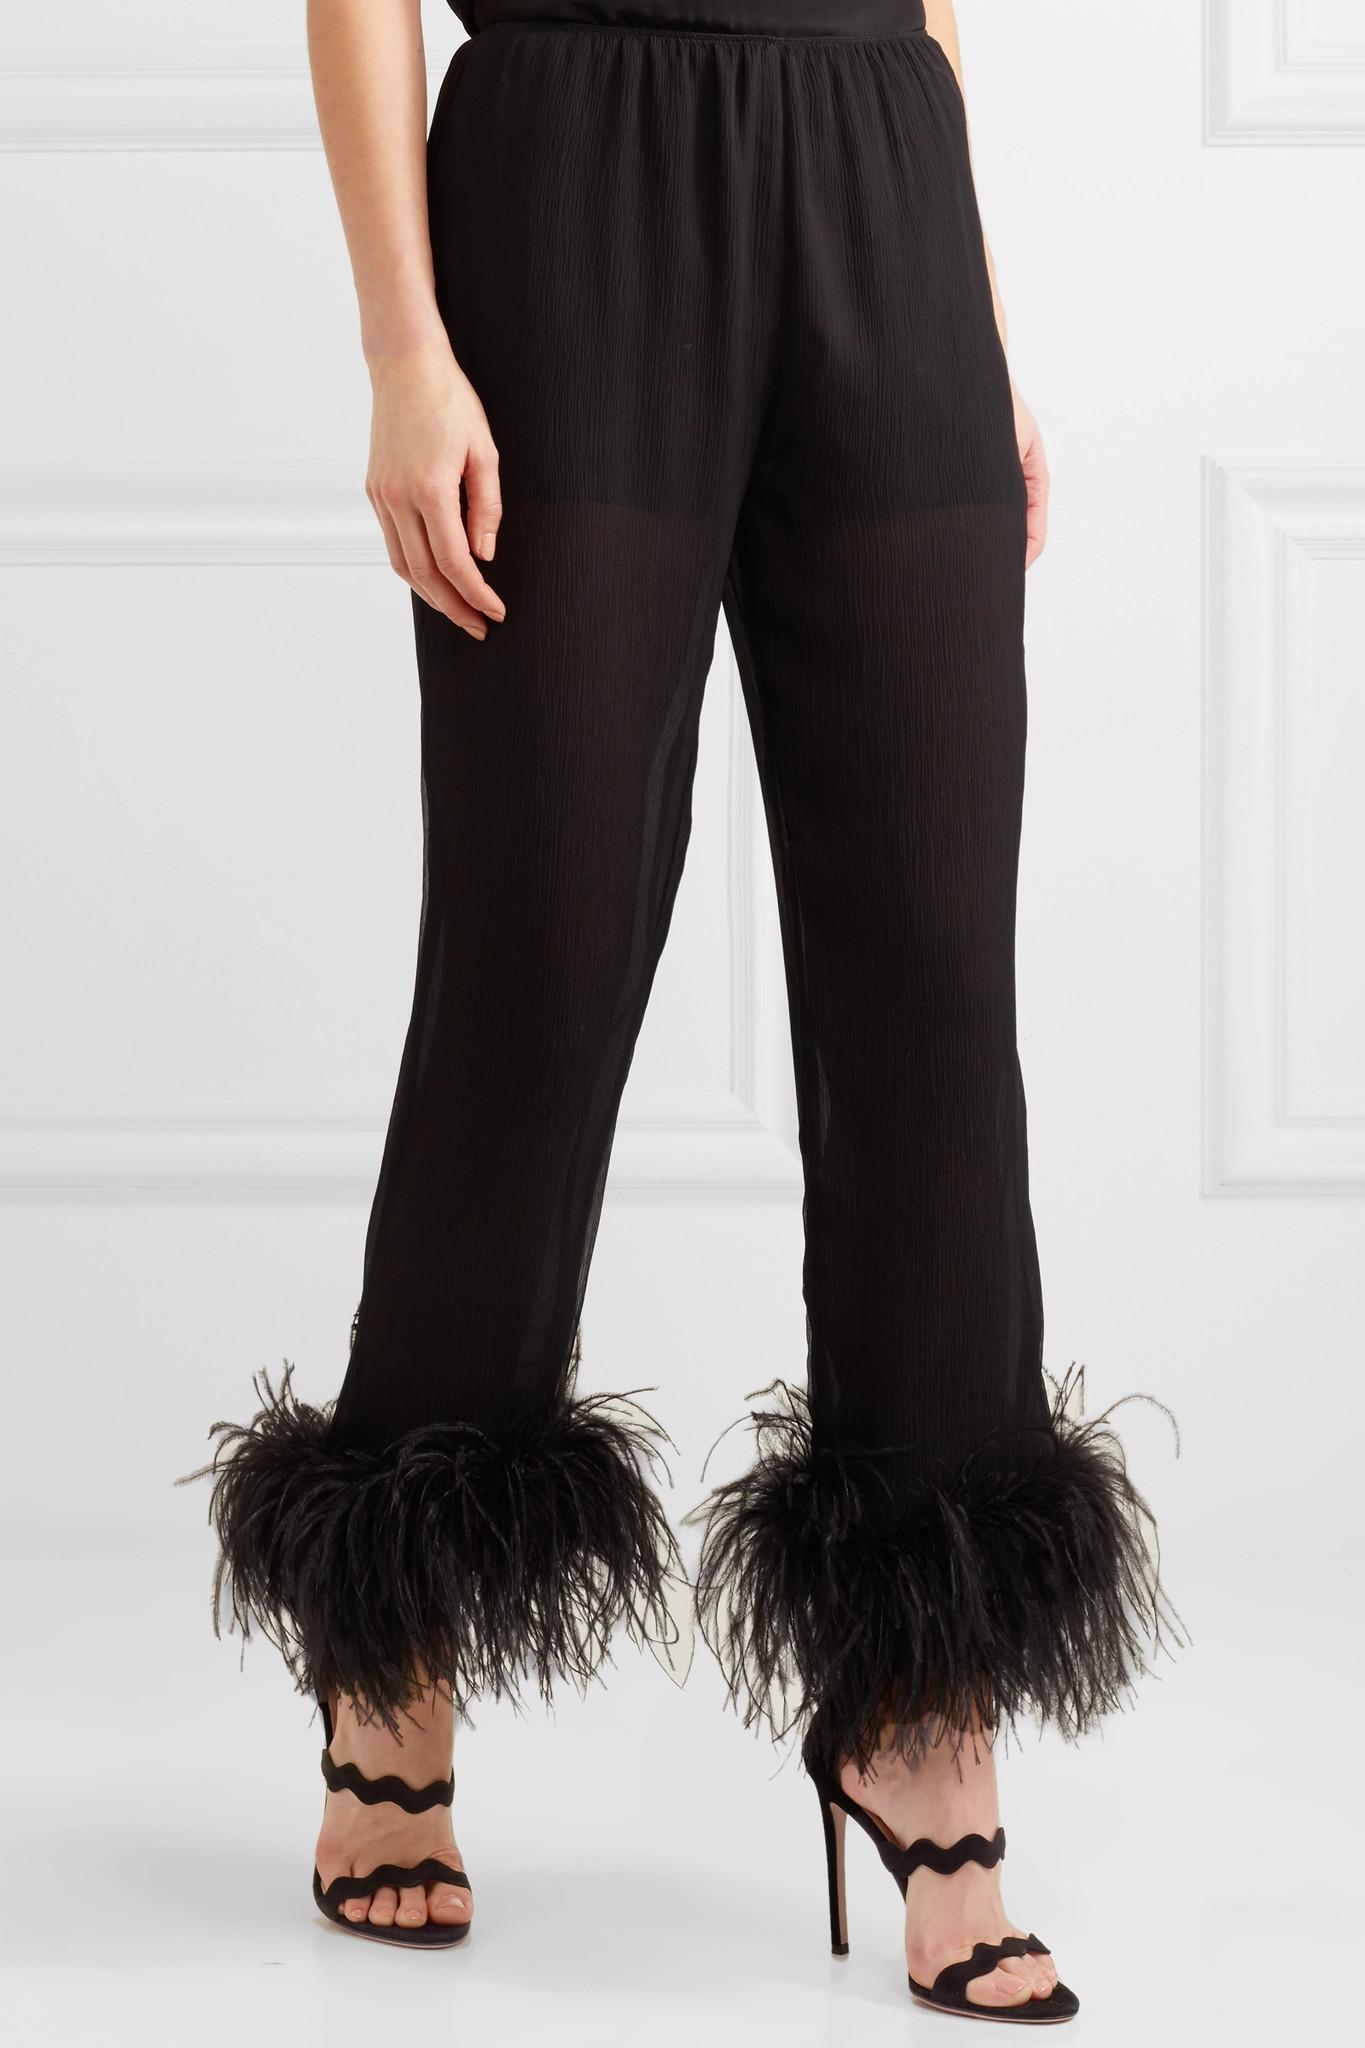 adornos arrugada de plumas Negro Pantalones gasa Prada recta pierna con y de xd1nXRq0w